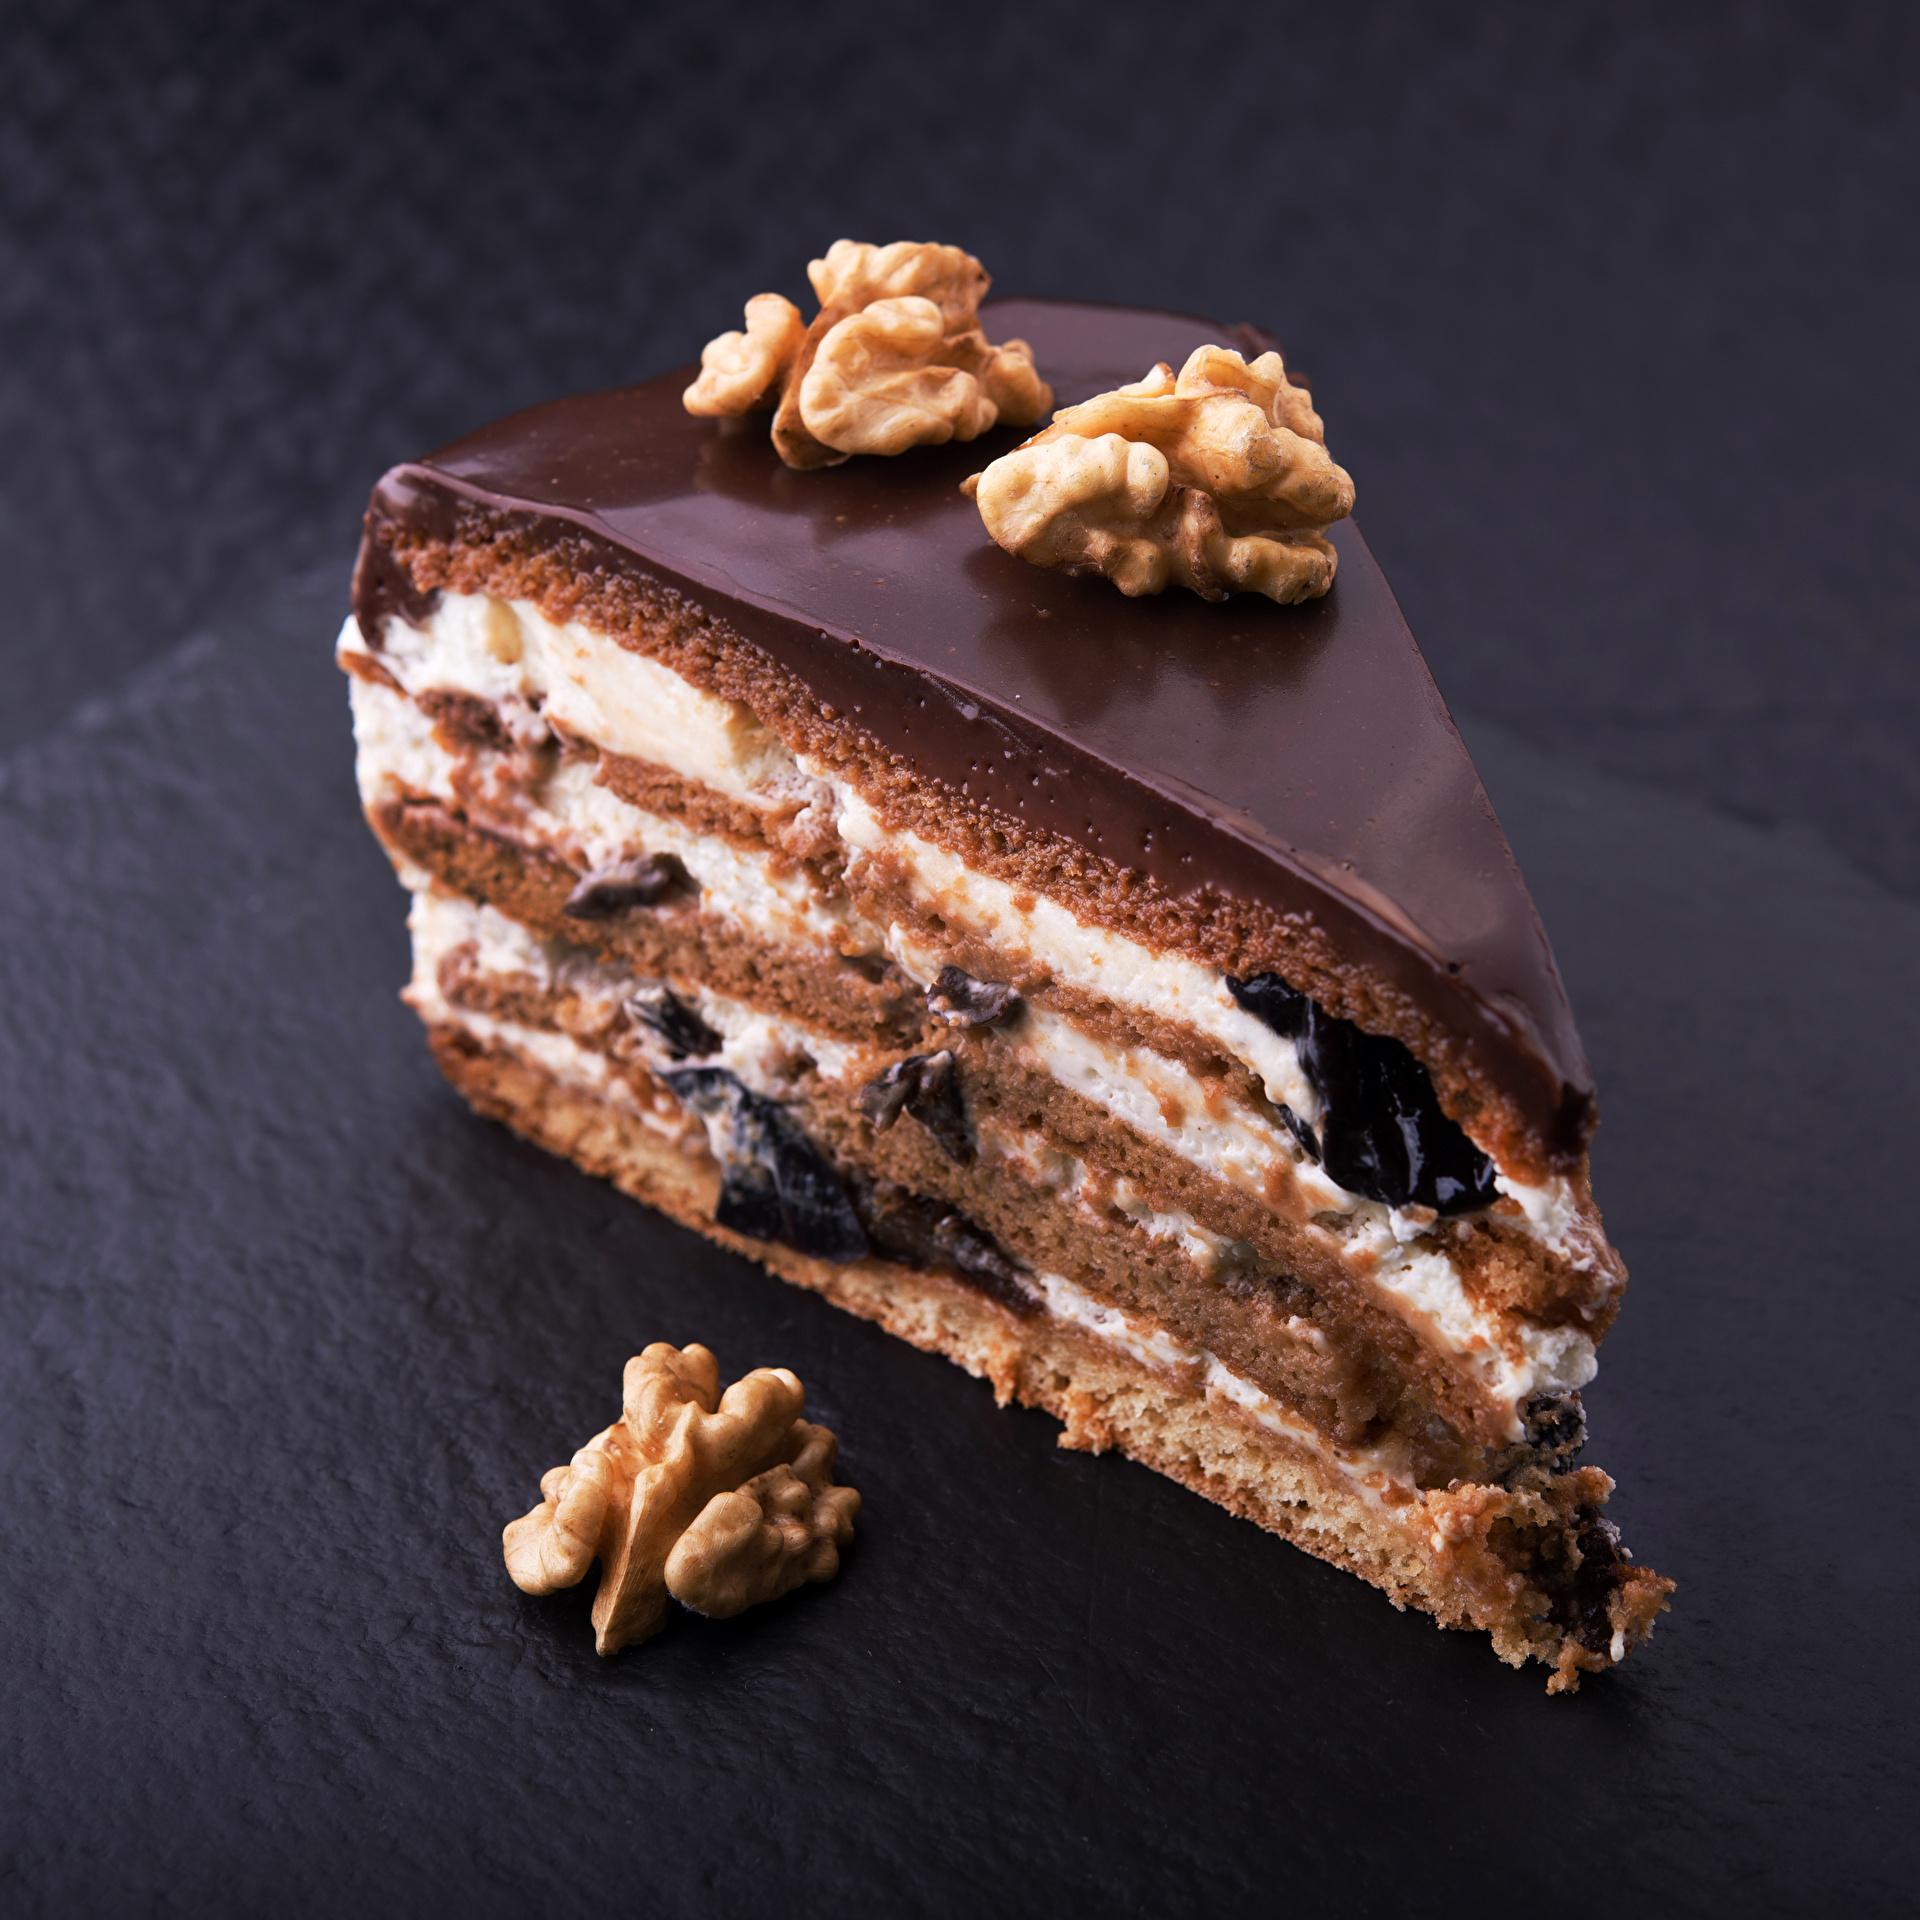 Фото Шоколад Торты кусочки Еда Орехи Пирожное Сладости 1920x1920 часть Кусок кусочек Пища Продукты питания